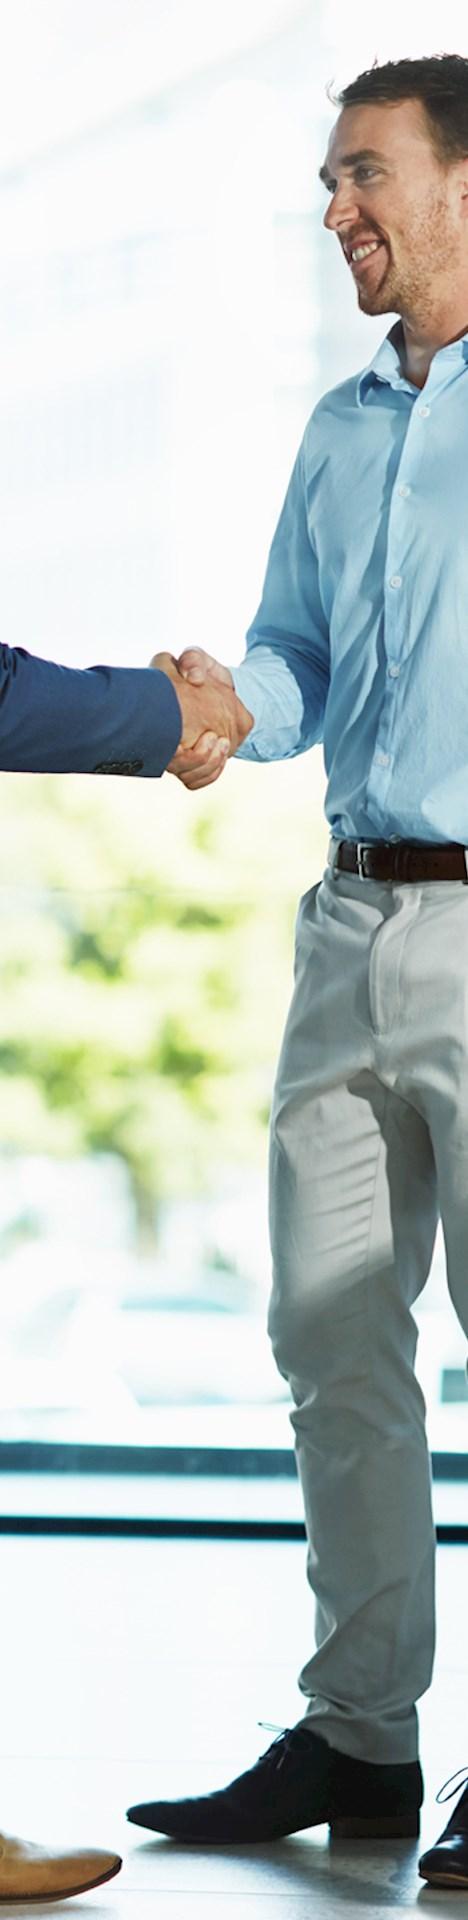 Hoe onderhandel je over arbeidsvoorwaarden?